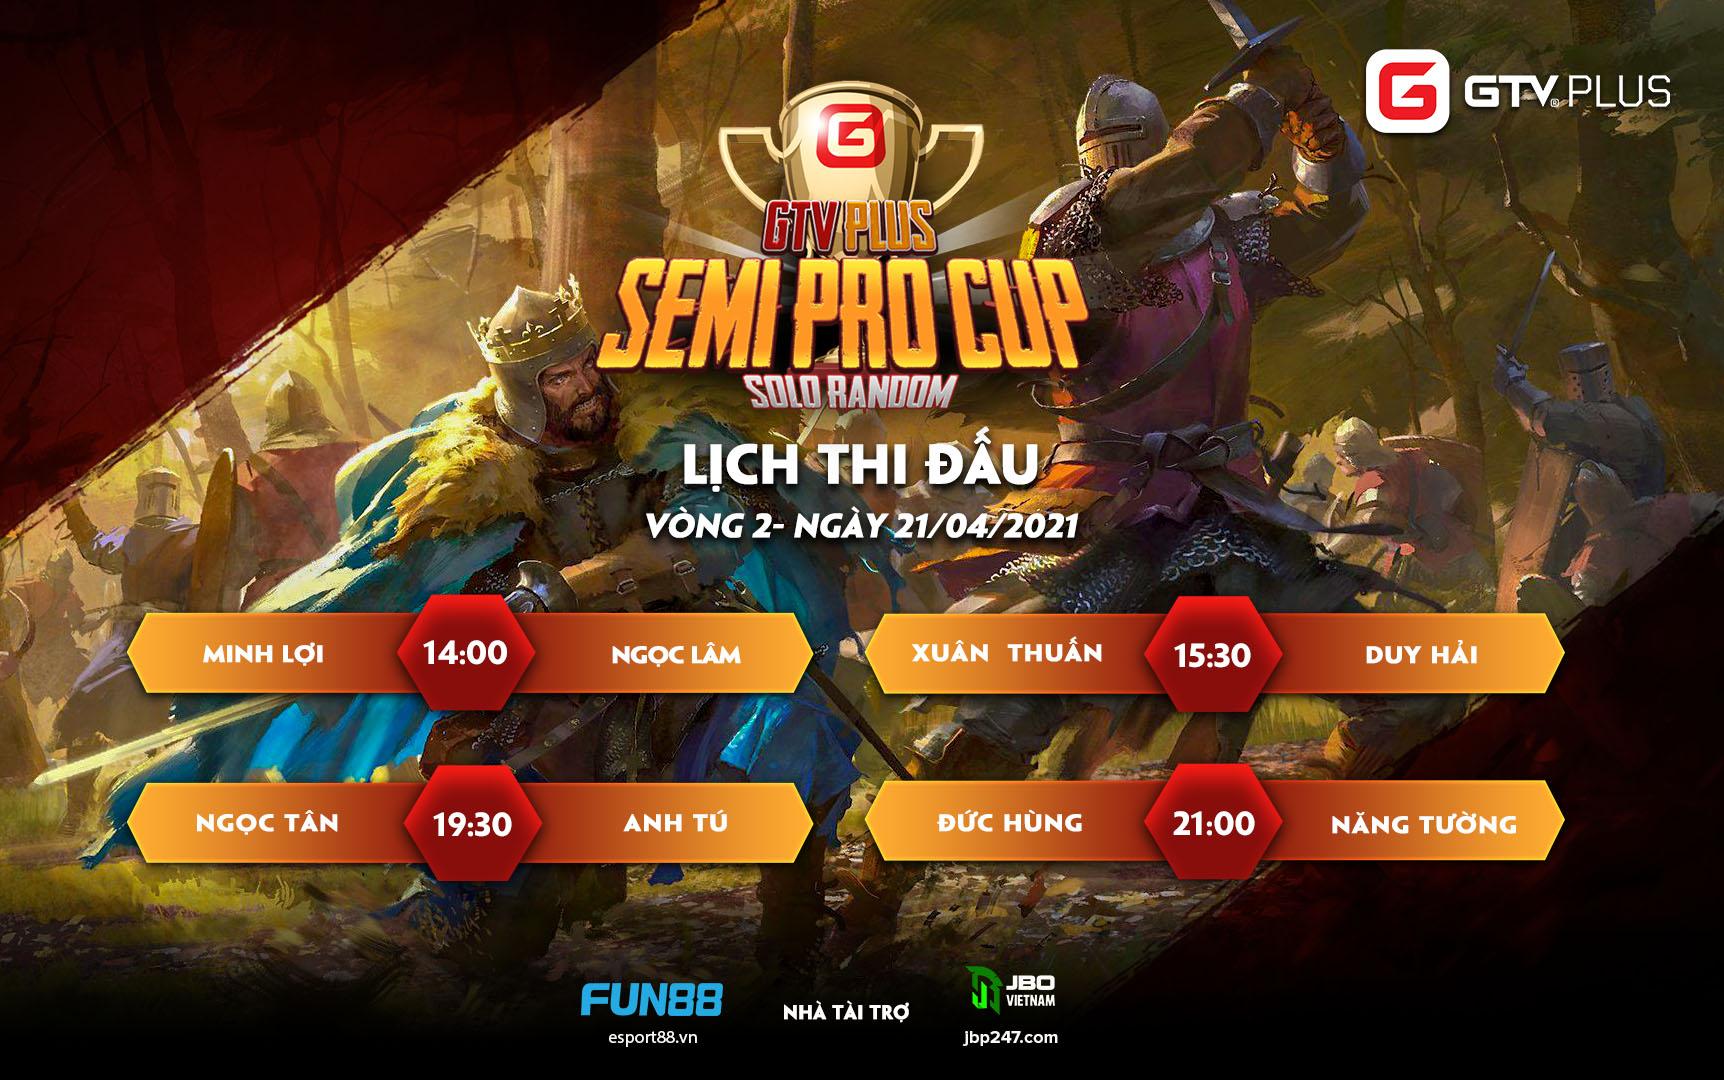 Lịch thi đấu ngày thi đấu ngày 21 tháng 4 Giải đấu GTV Semi Pro Cup 2021